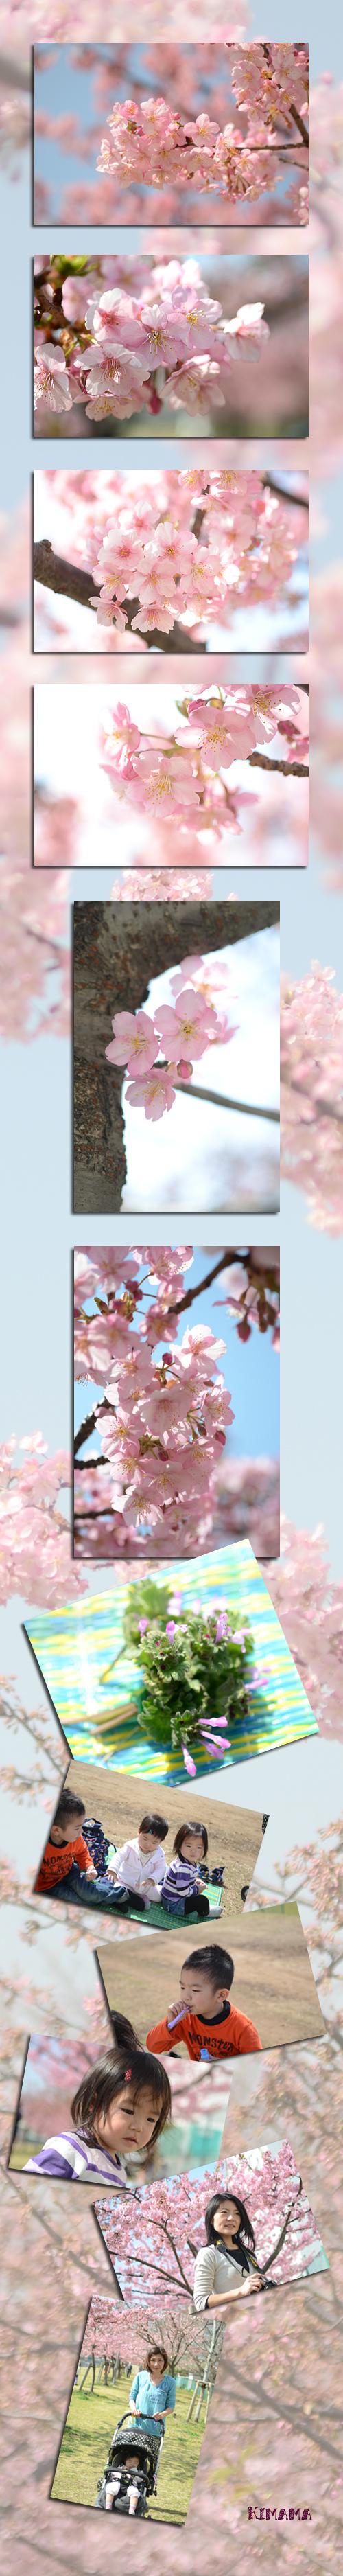 3月10日河津桜2